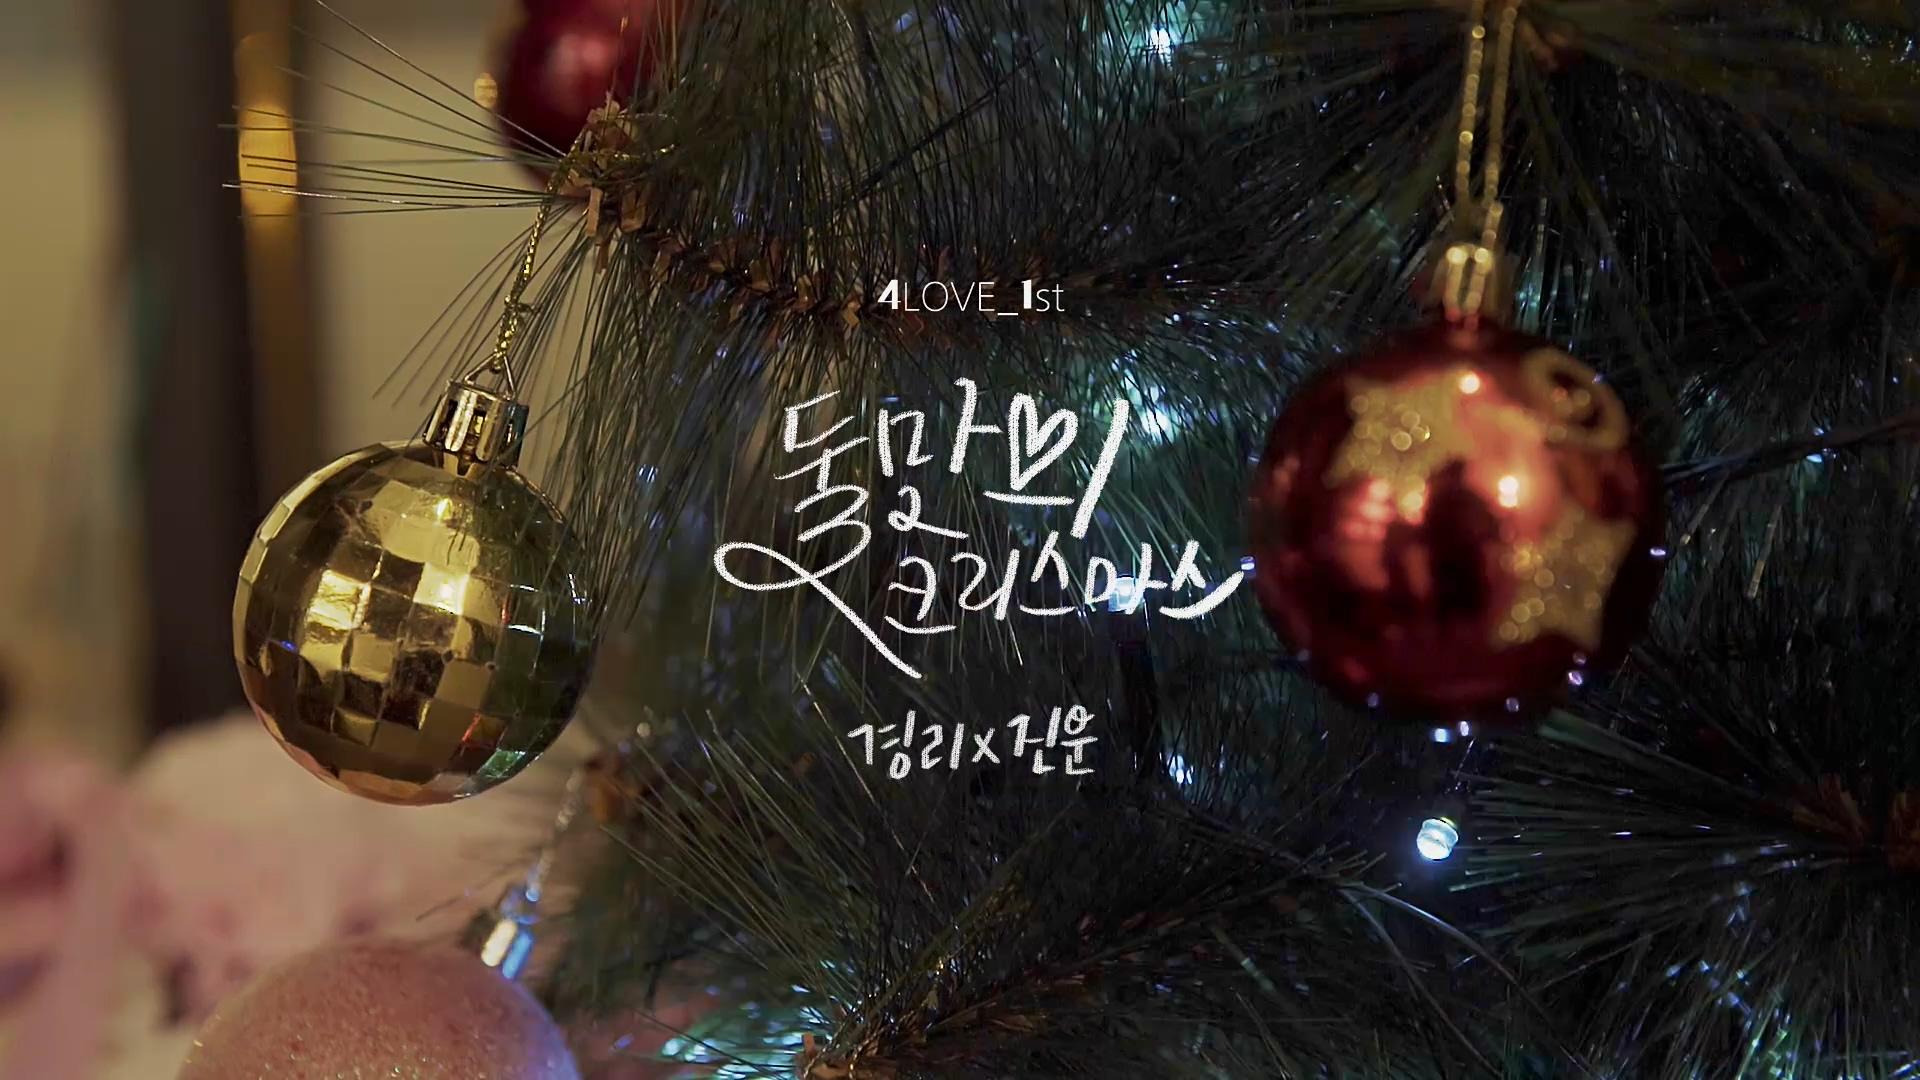 둘만의 크리스마스(White Christmas) - 경리 X 정진운 M/V